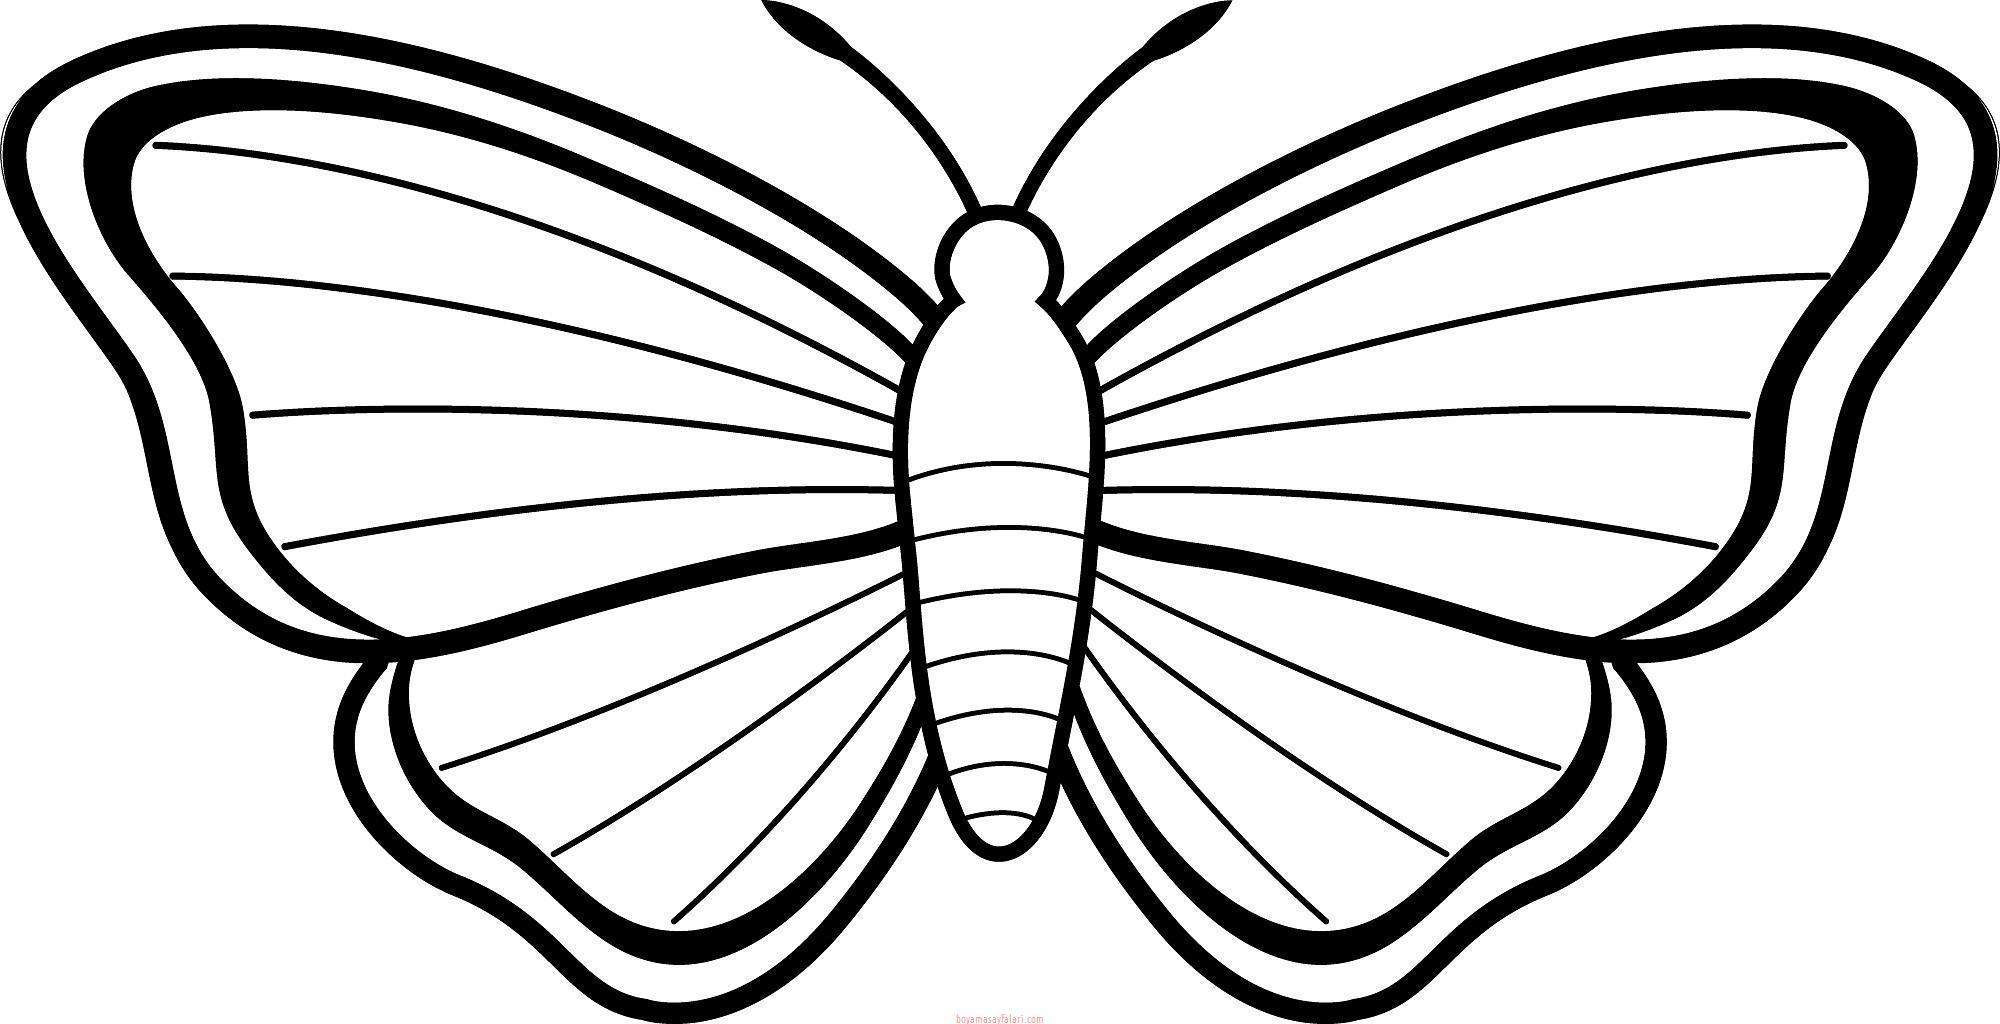 Kelebek Boyama Oyunu Sinif Ogretmenleri Icin Ucretsiz Ozgun